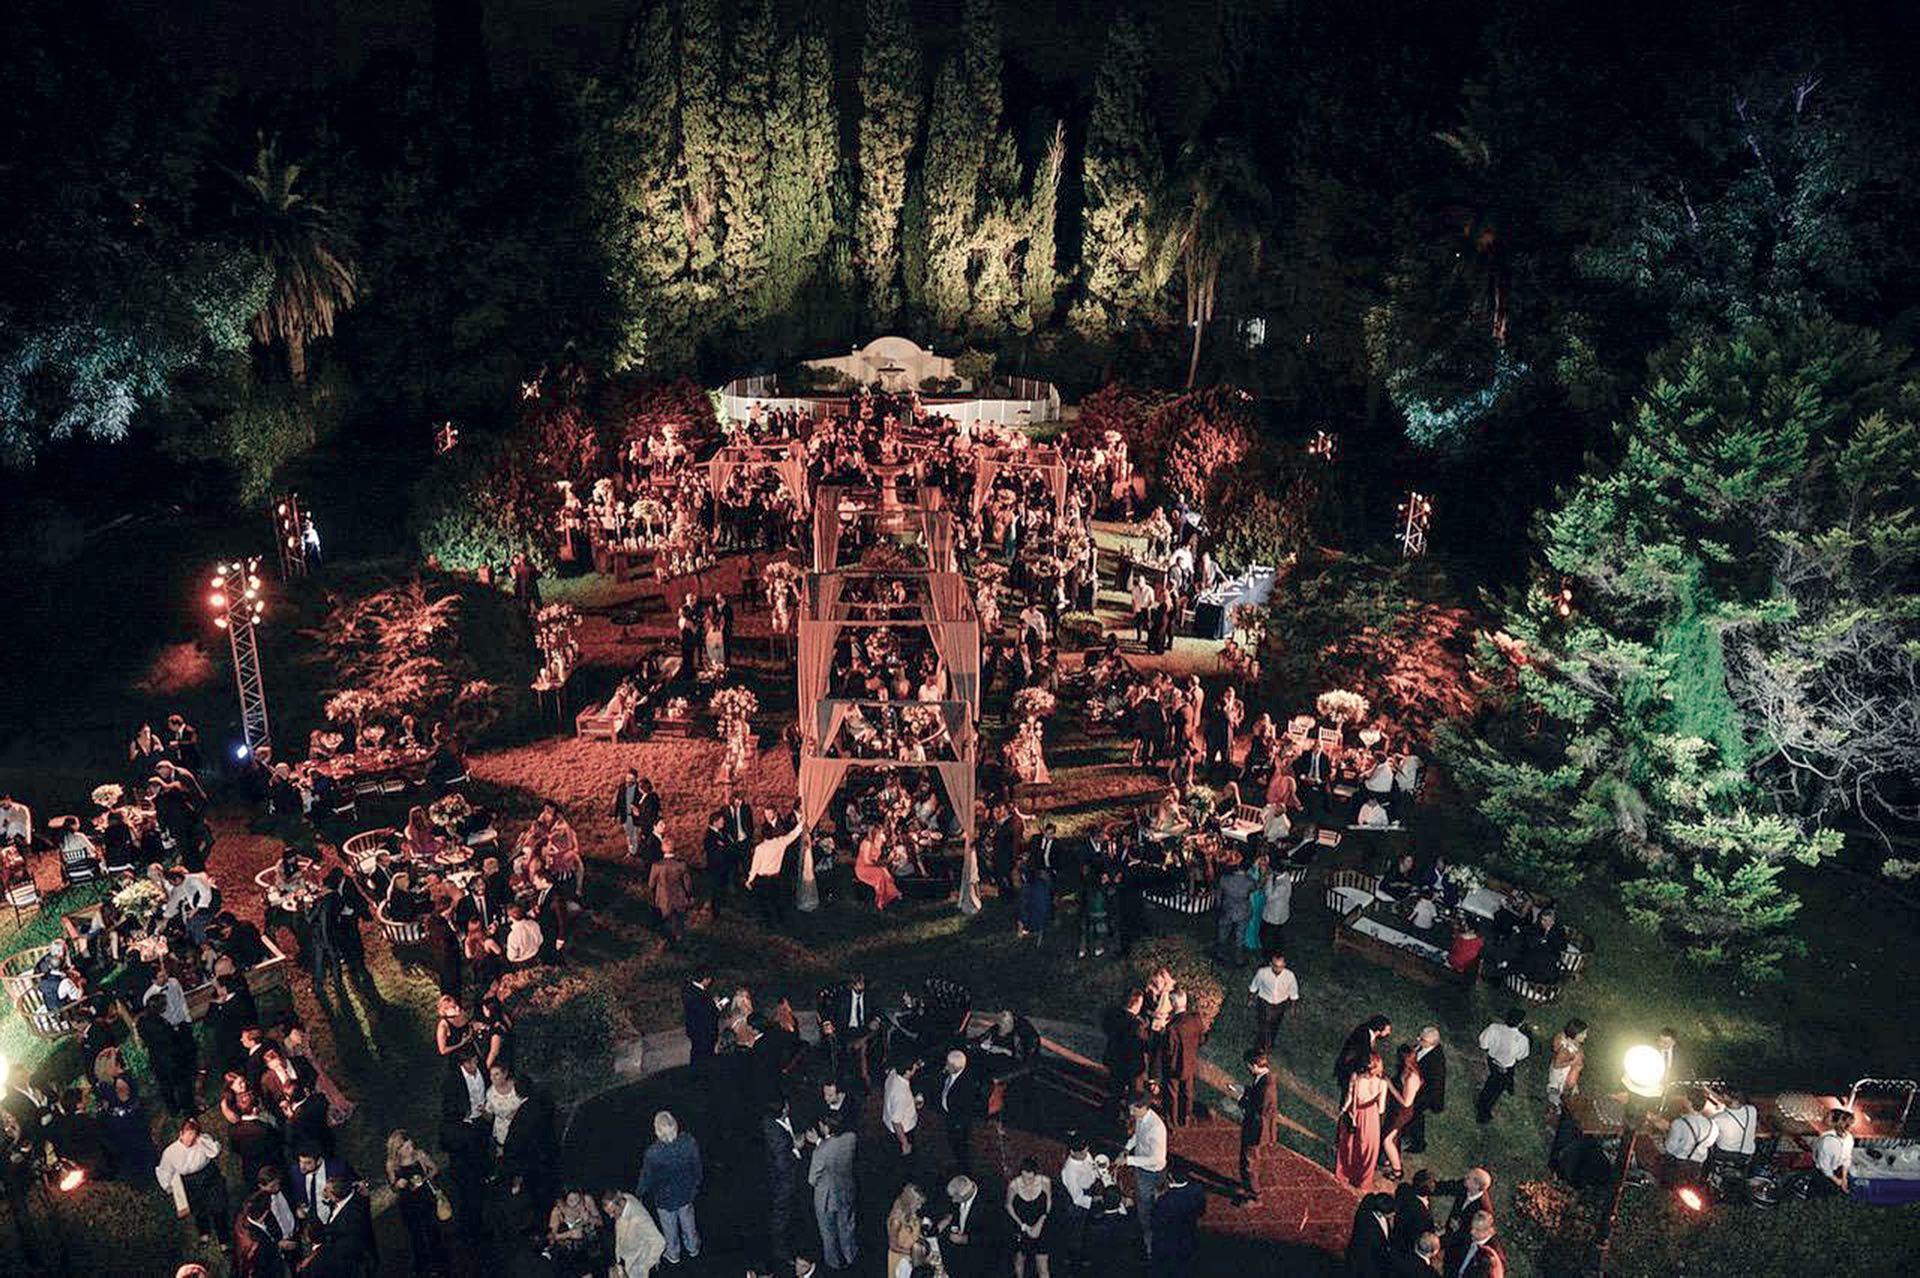 Con un gran agasajo y un menú de exquisiteces variadas, que incluyó hamburguesas y empanadas, fue la gran fiesta para 600 invitados en el Sans Souci. (Foto Marcelo Espinosa/GENTE)